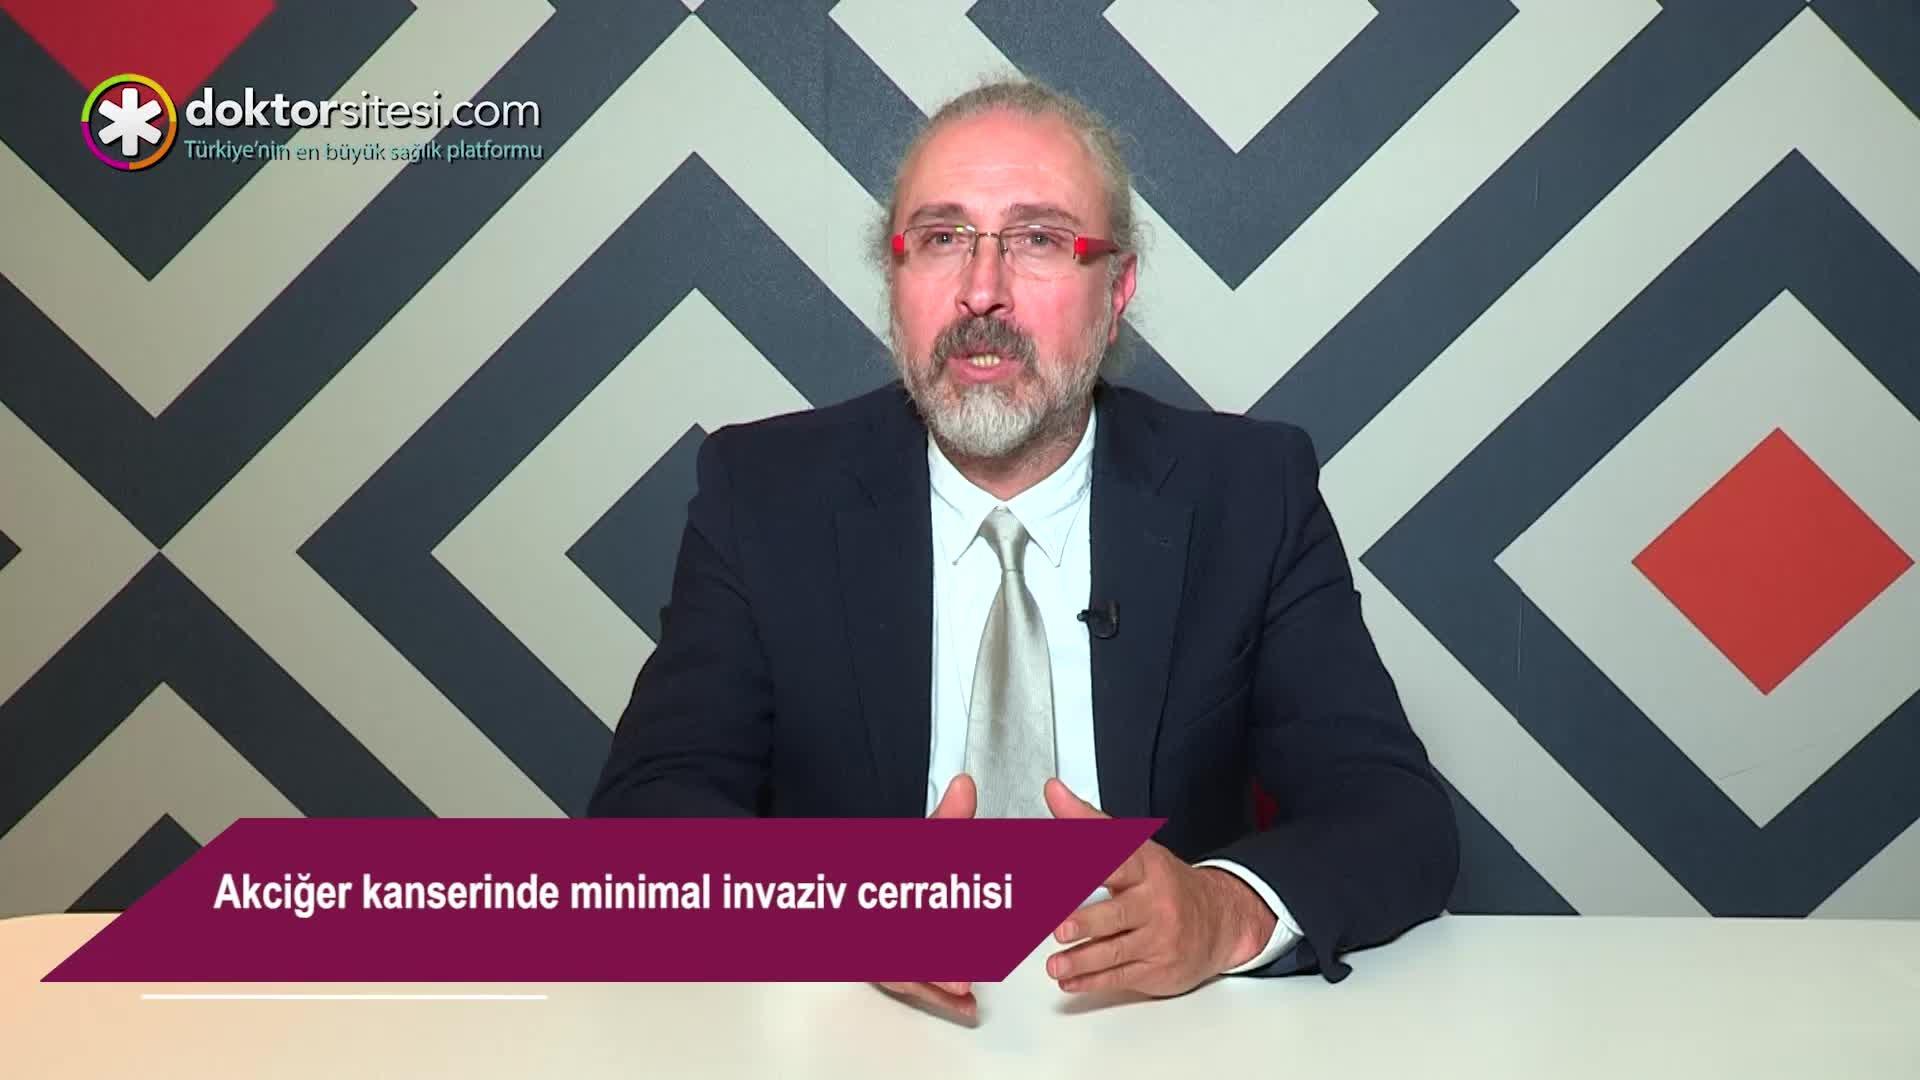 """Akciğer kanserinde minimal invaziv cerrahisi """"Prof. Dr. Gökhan  HACIIBRAHIMOĞLU"""""""